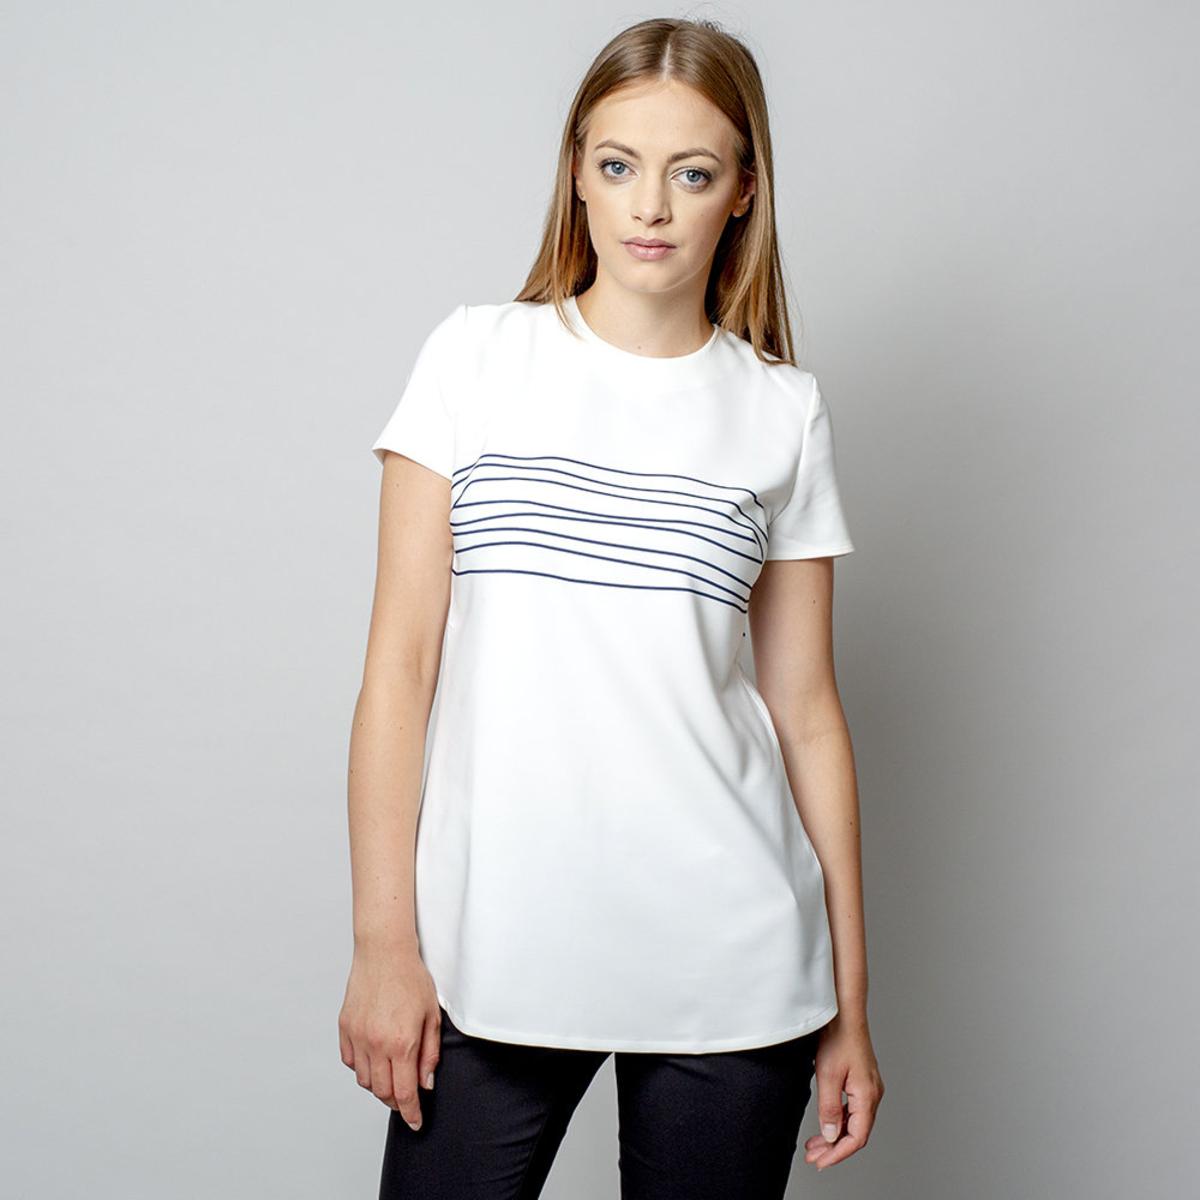 Dámske tričko s pruhovanou potlačou 10907 36